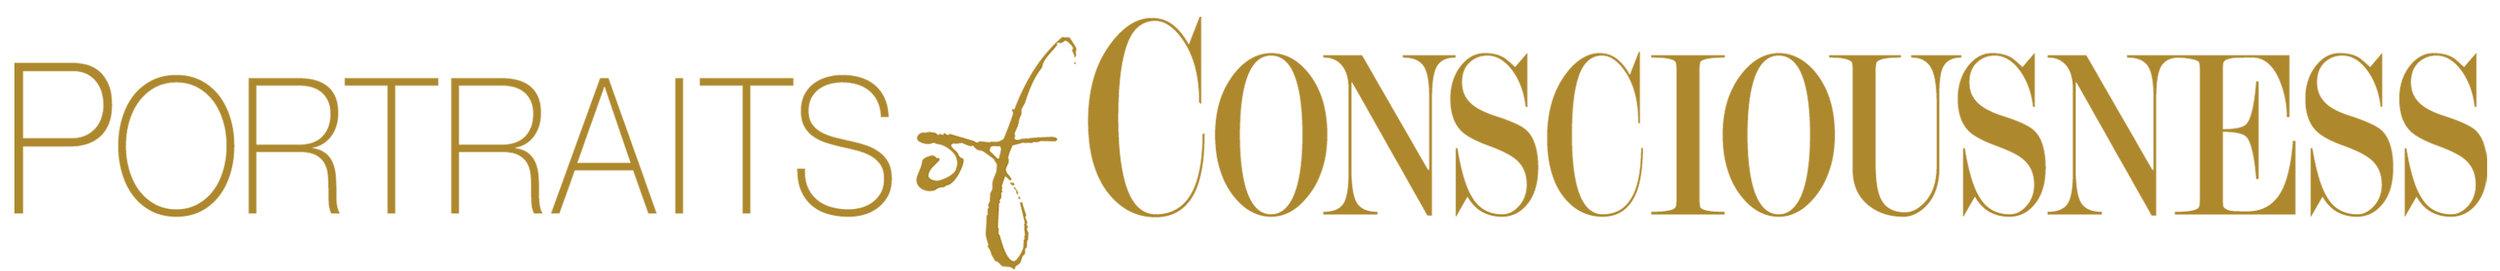 Portraits of Consciousness Logo